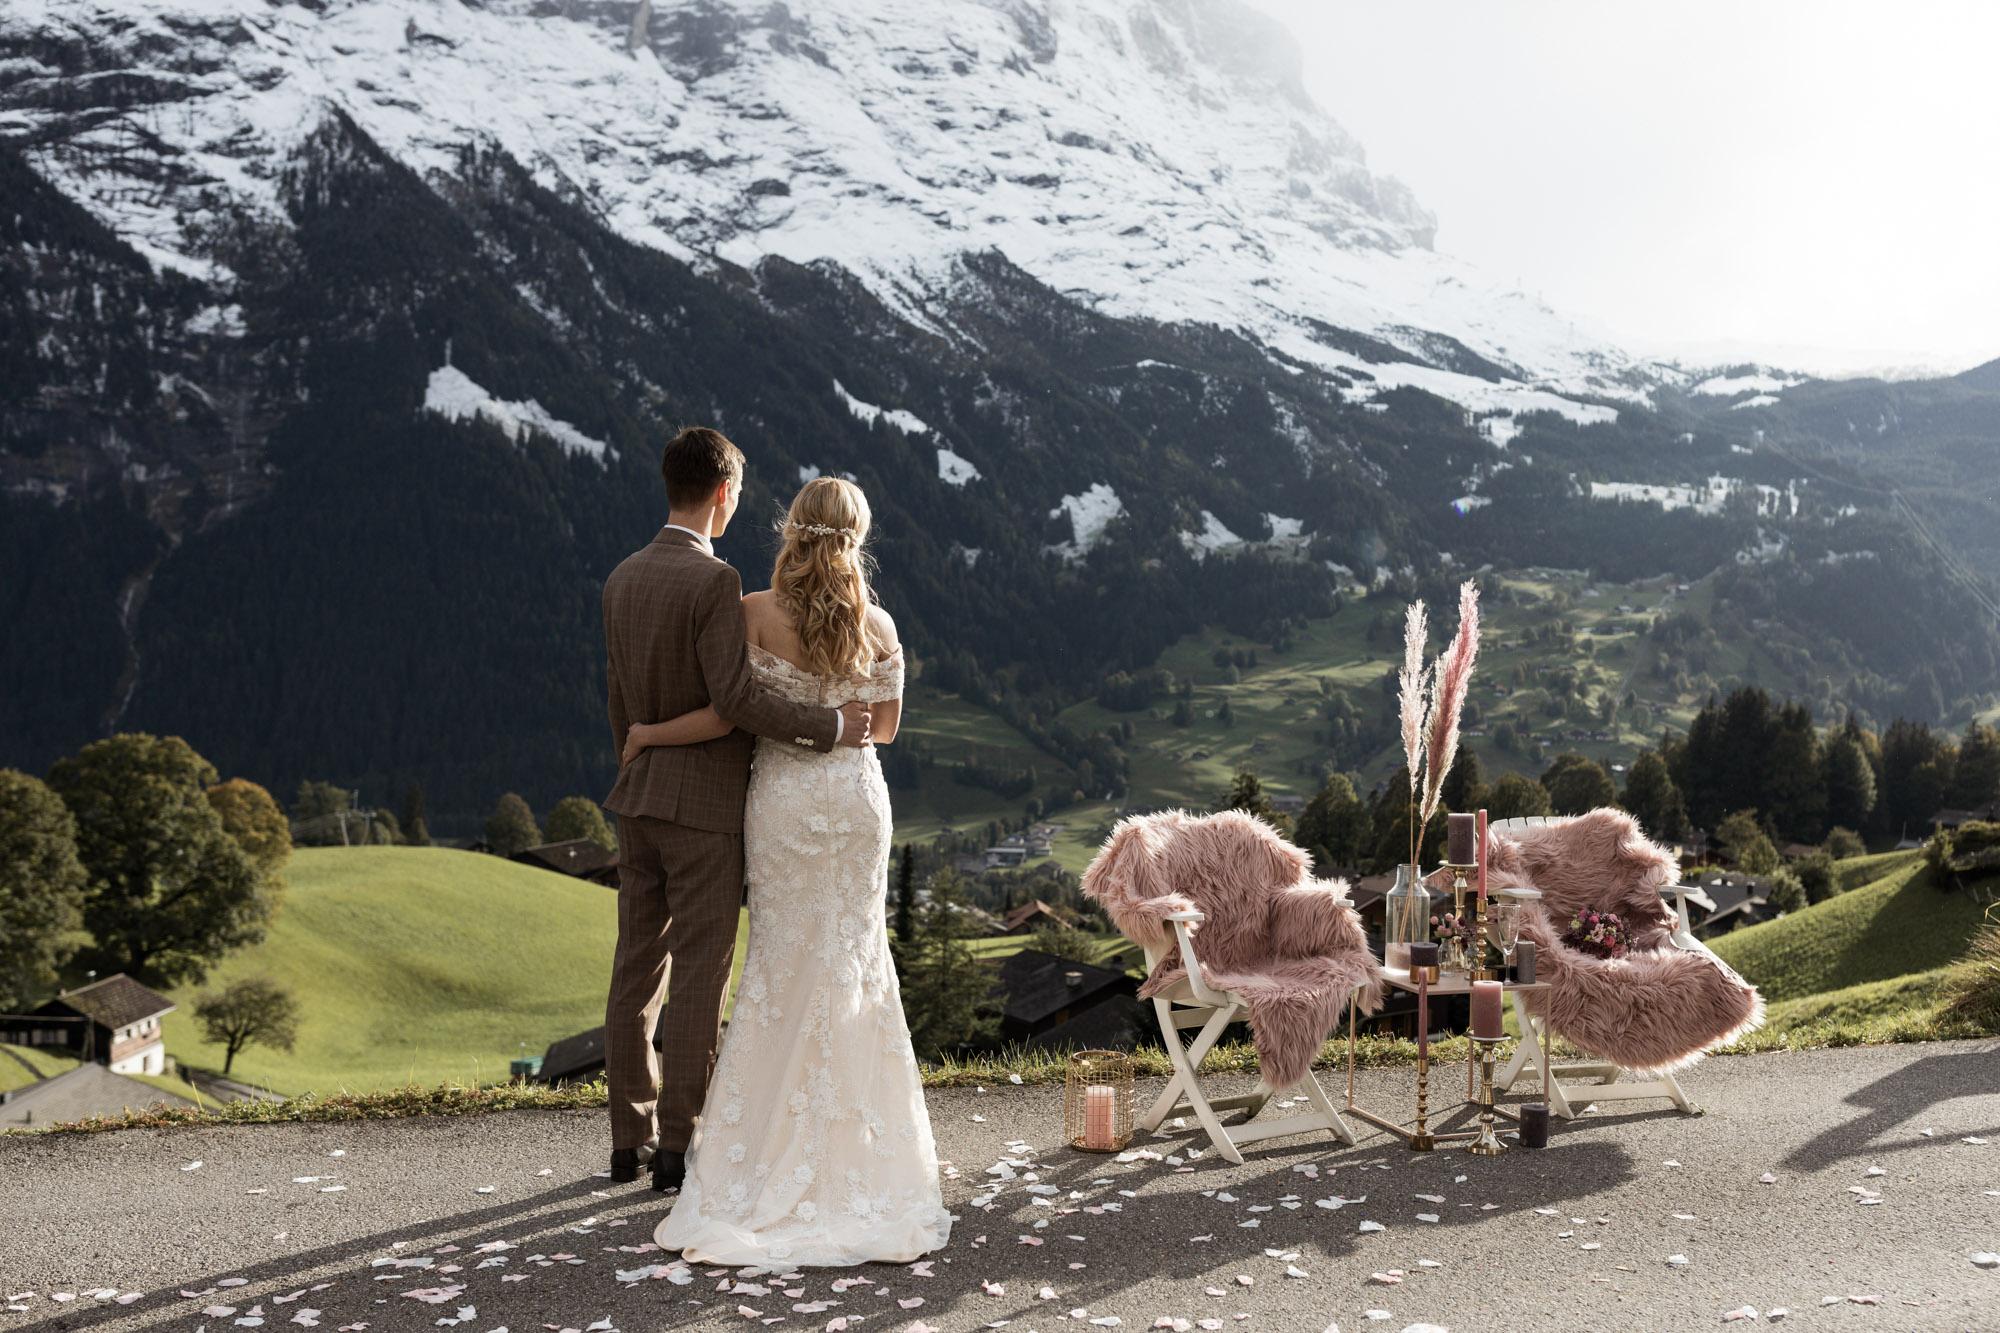 Das Brautpaar blickt in die Ferne - Traumhochzeit in den Bergen